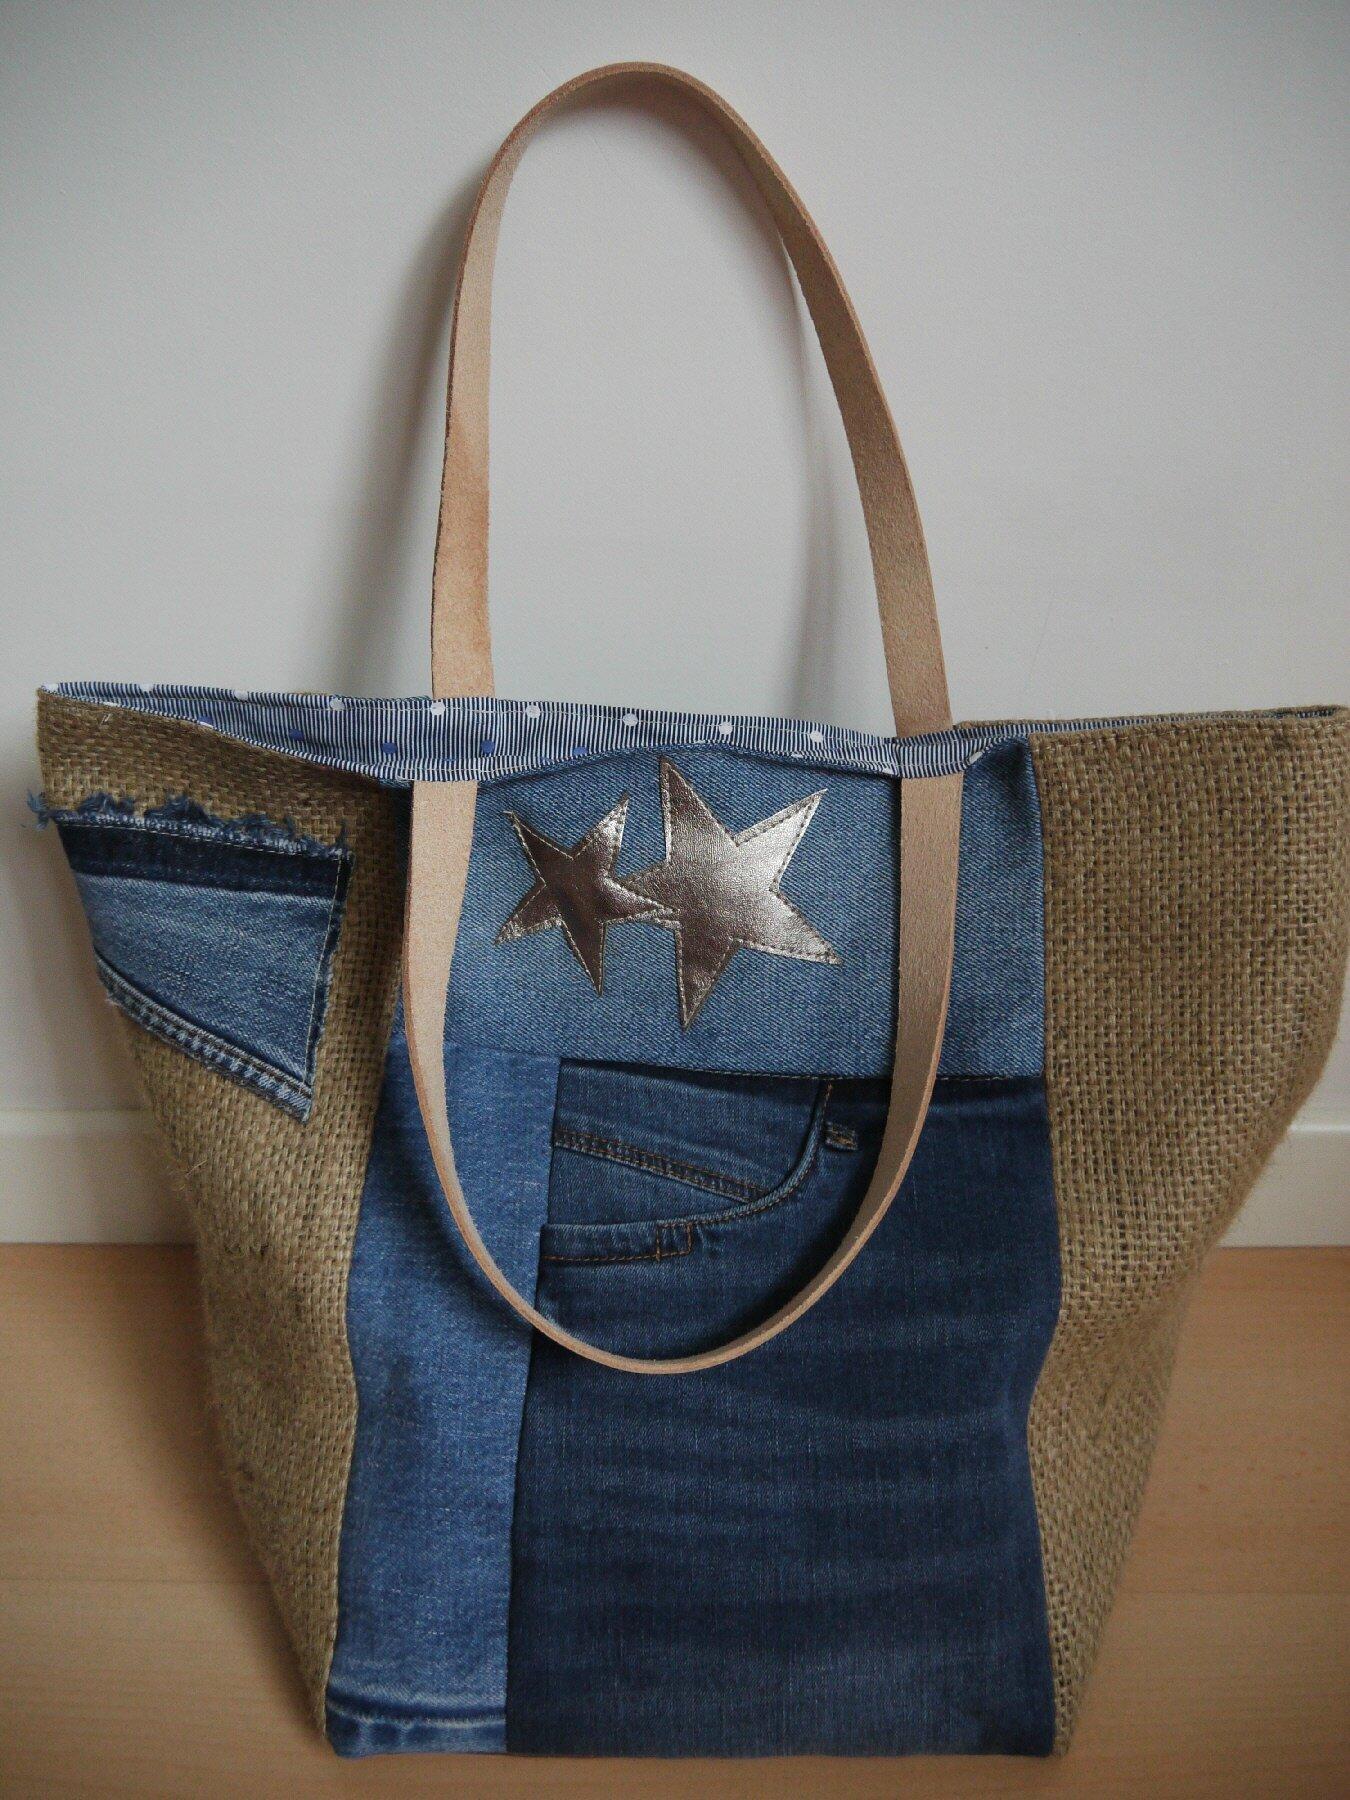 tout neuf 7ca79 a651a UPCYCLING - sac cabas en toile de jeans et toile de jute de ...